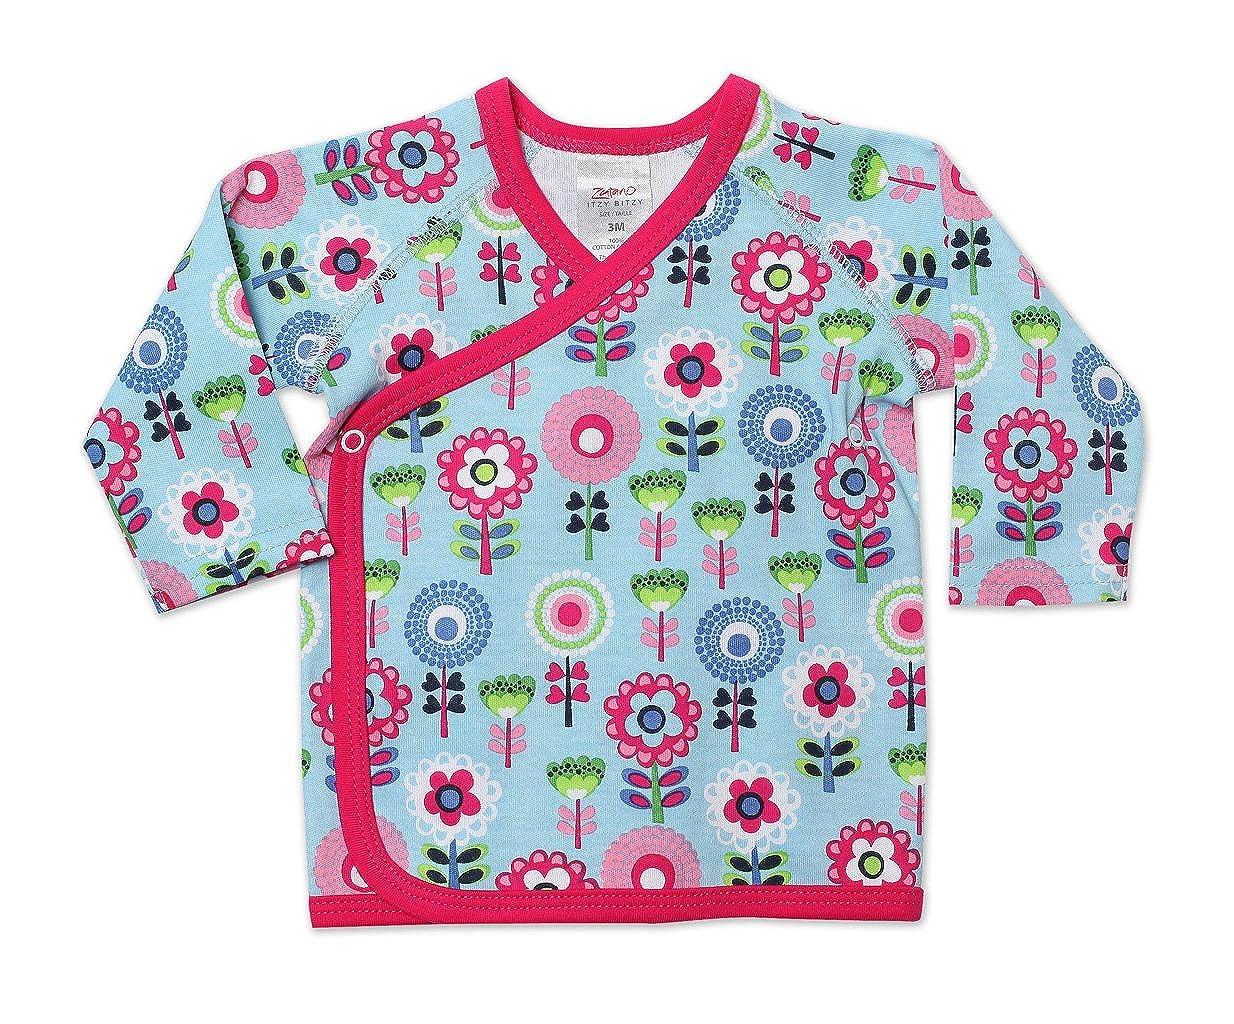 Zutano Baby-Girls Newborn Primrose Kimono Top AIB446